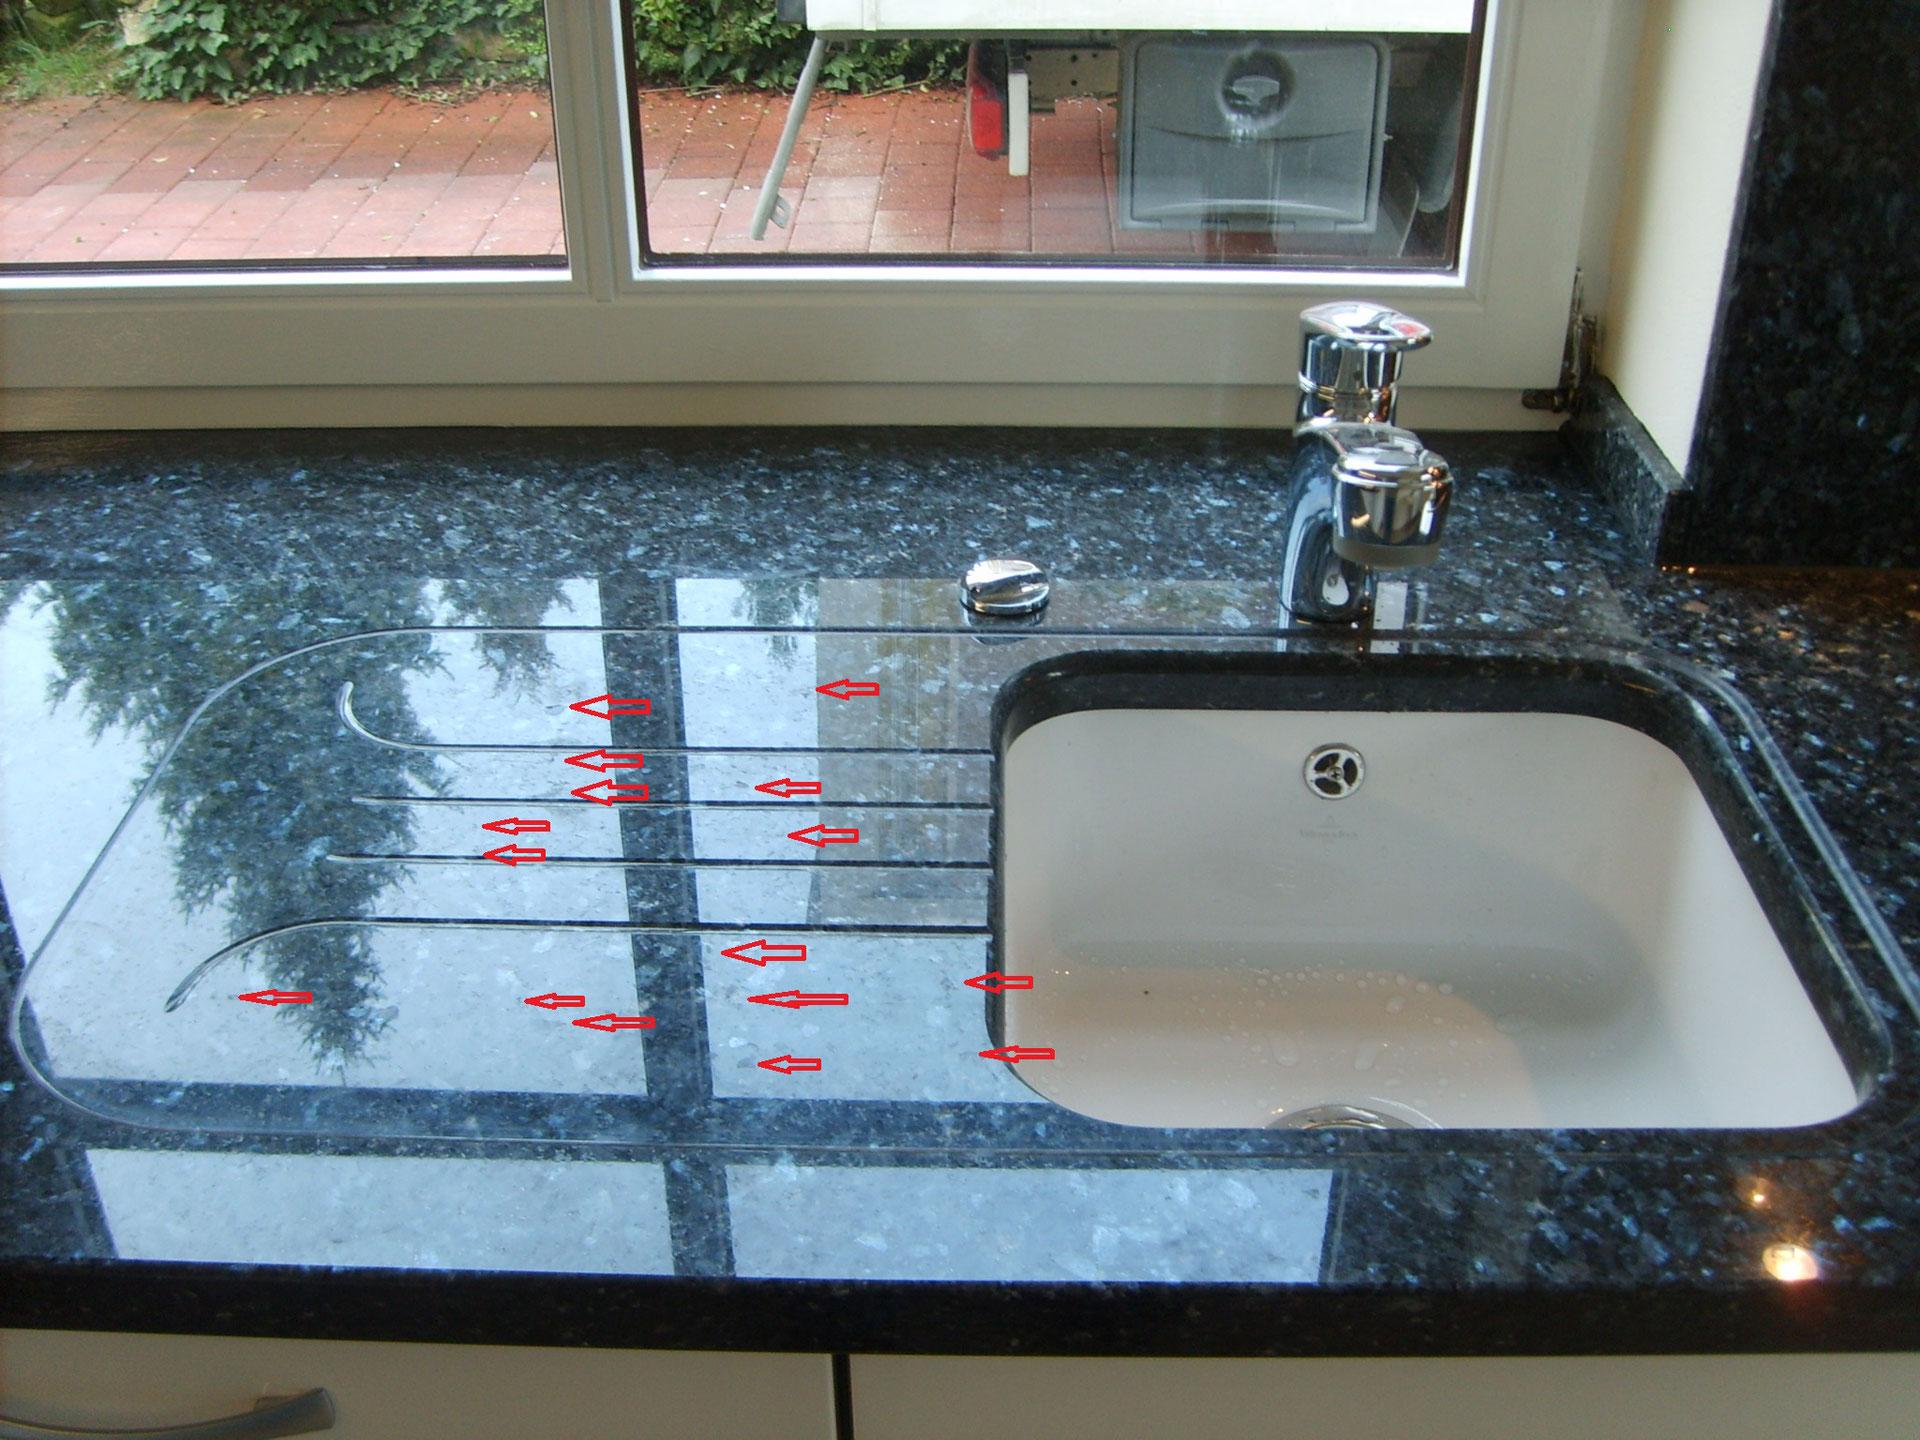 Ganz und zu Extrem Die Granitarbeitsplatte in der Küche - moebelschlau &CR_92